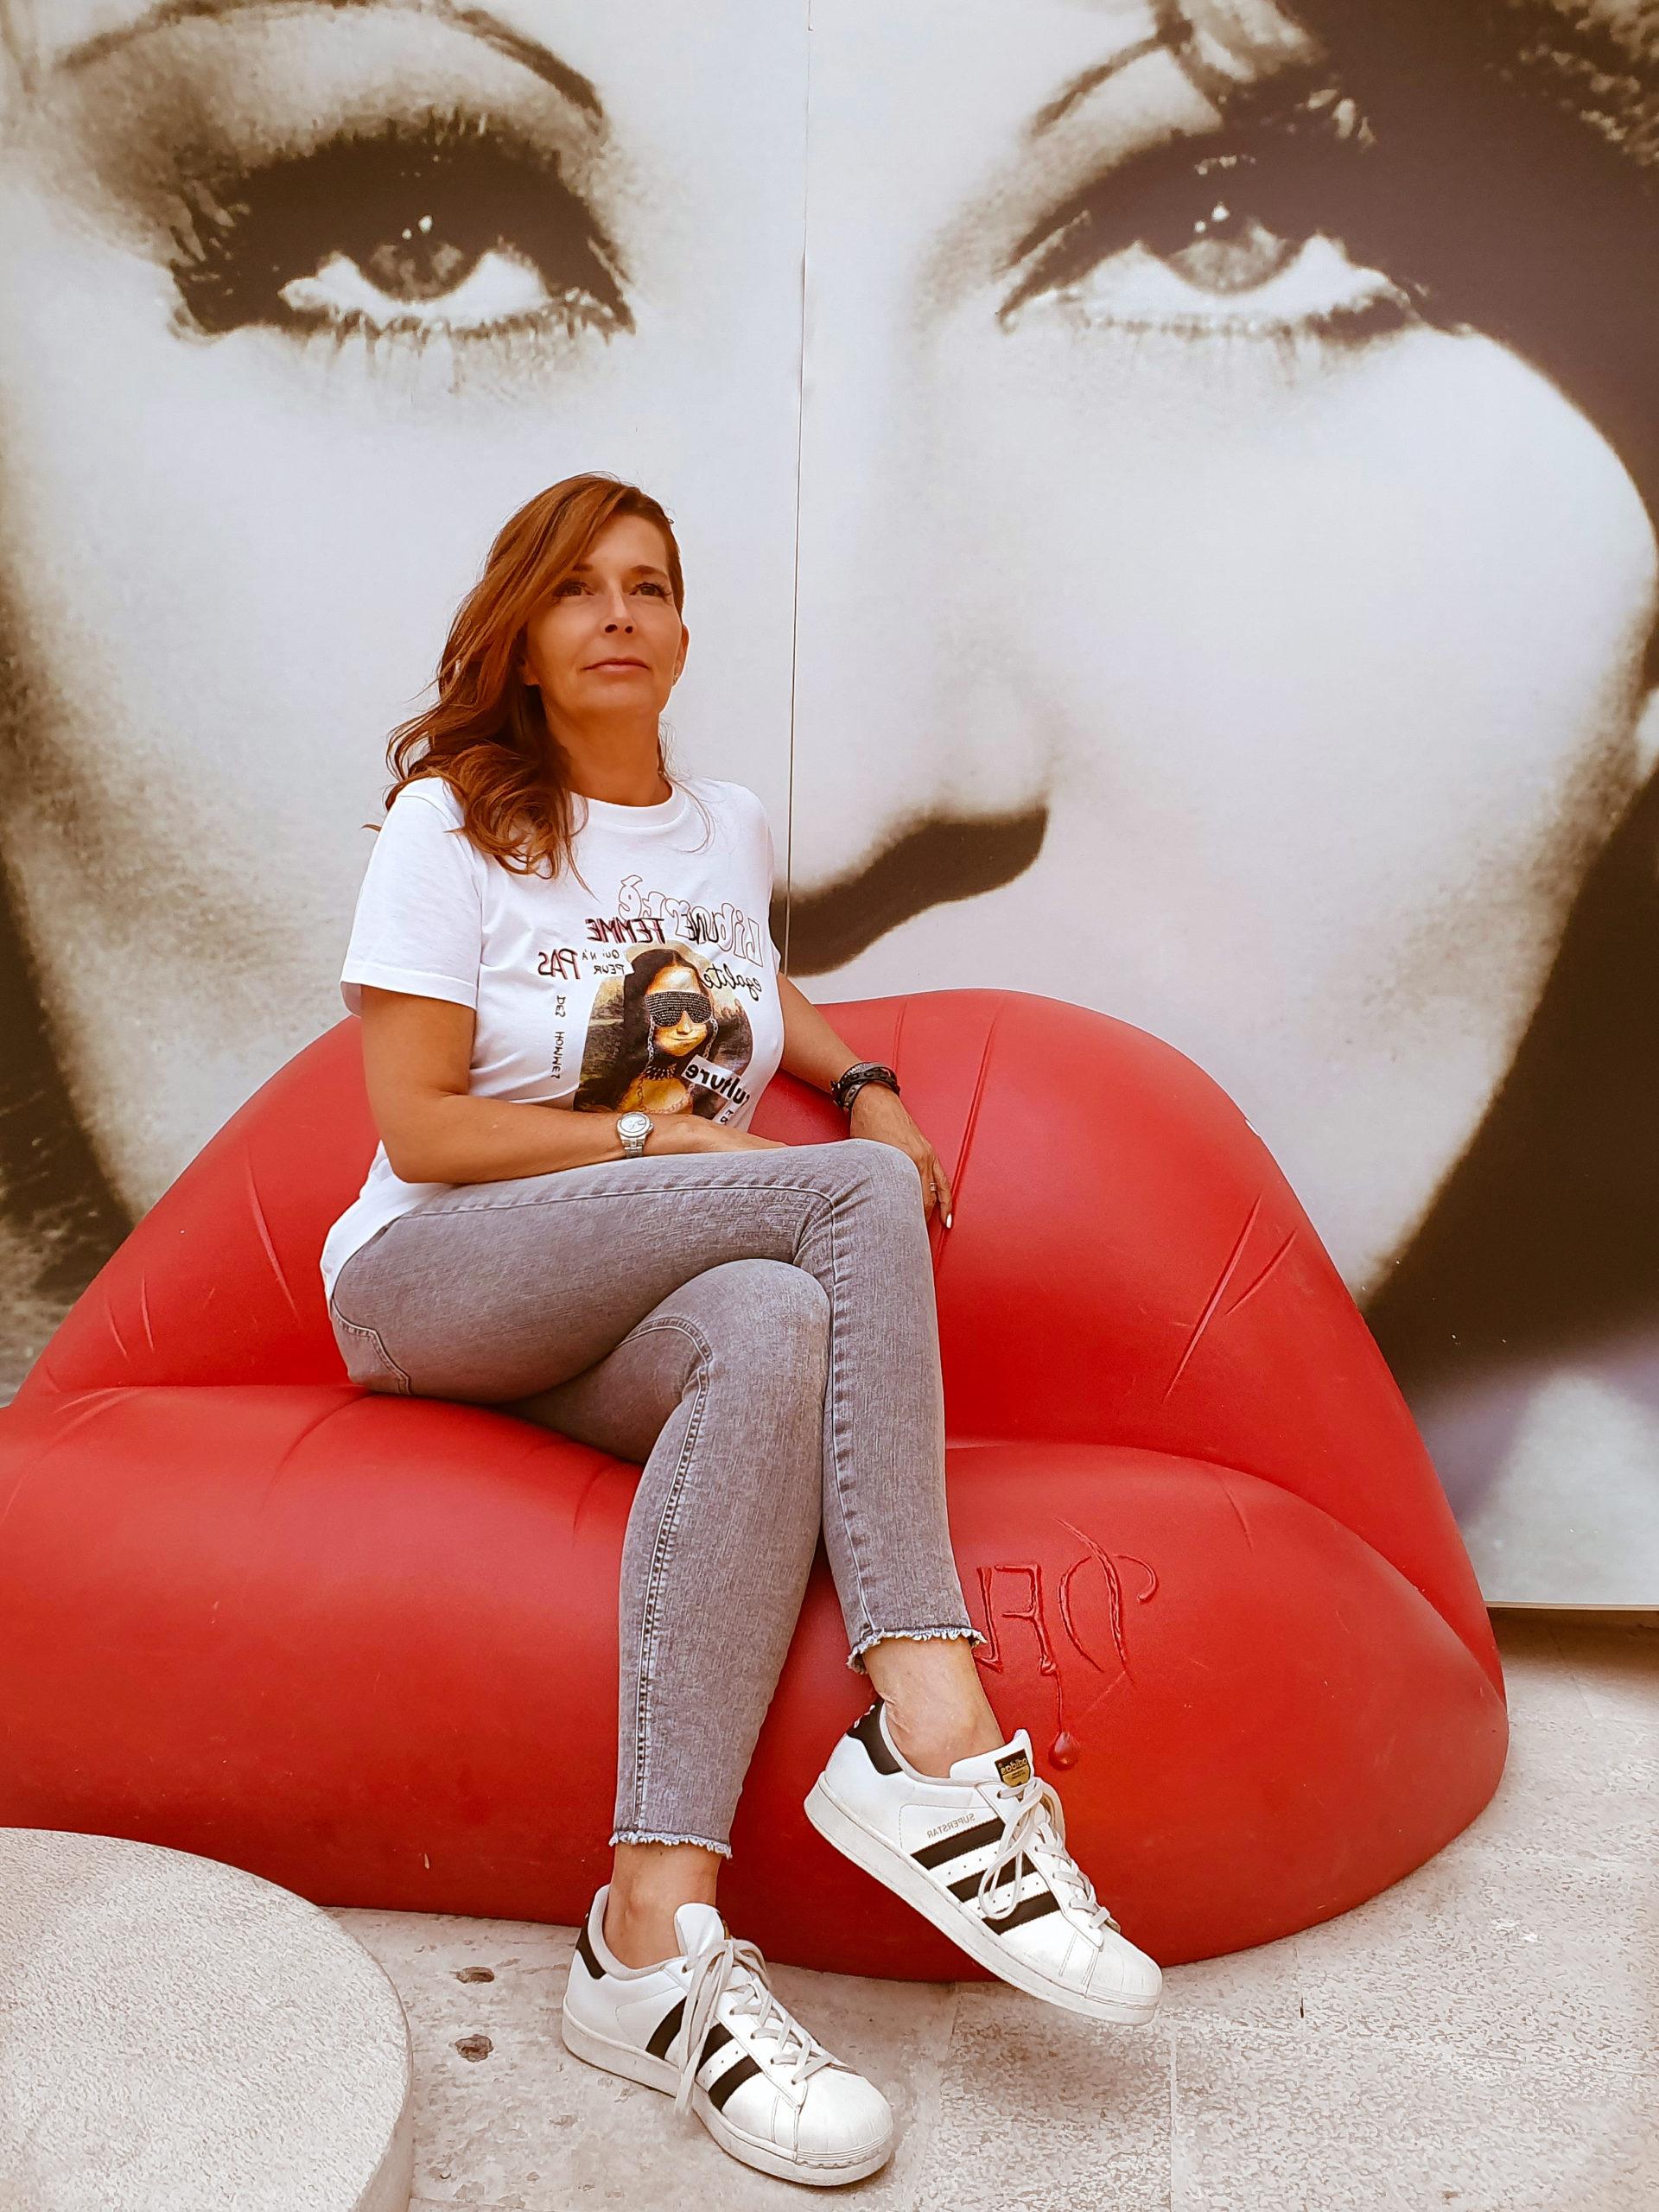 Christina Baier